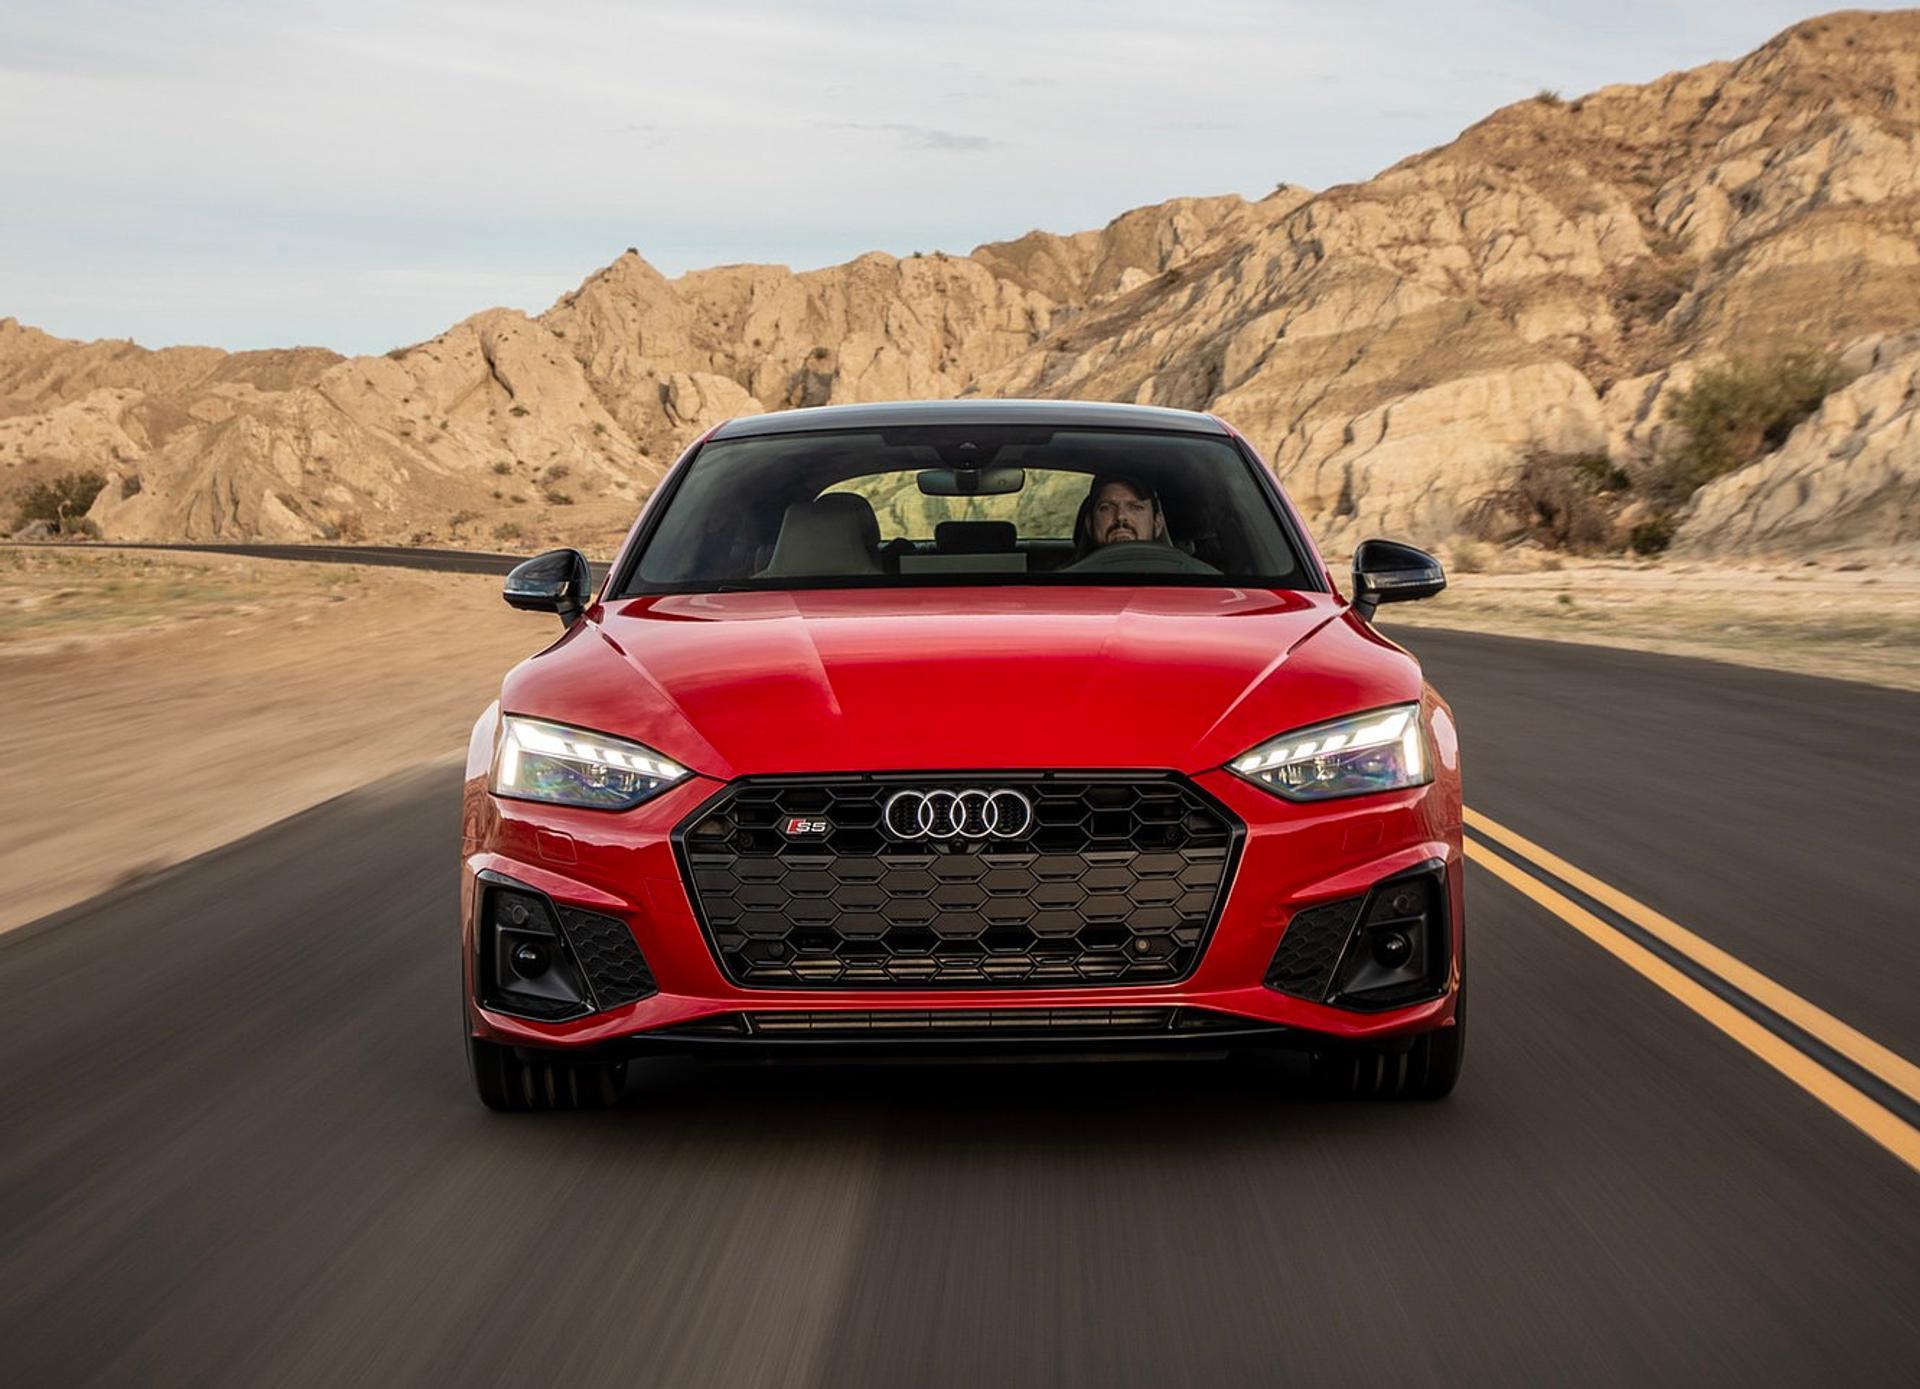 2021 Audi S5 Coupe 3.0T Premium quattro